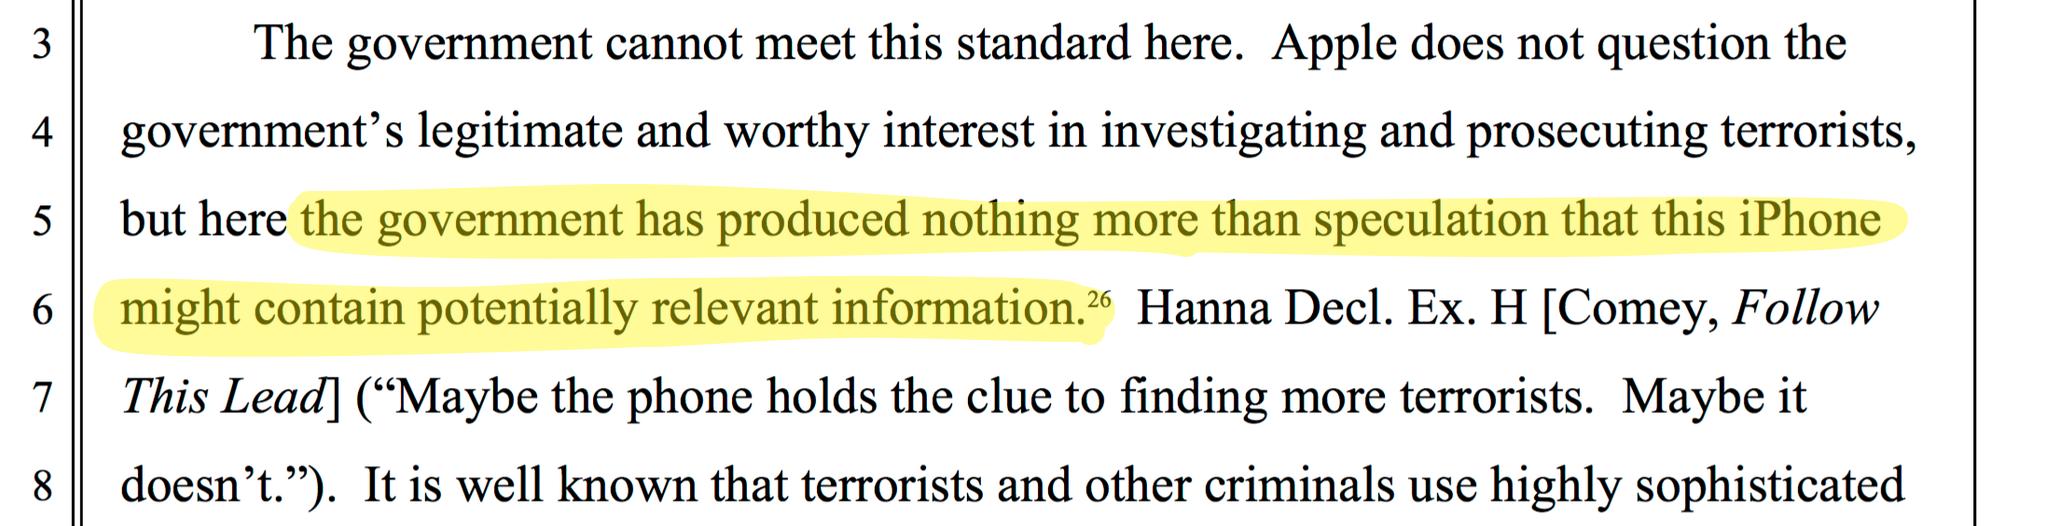 fbi-speculatie